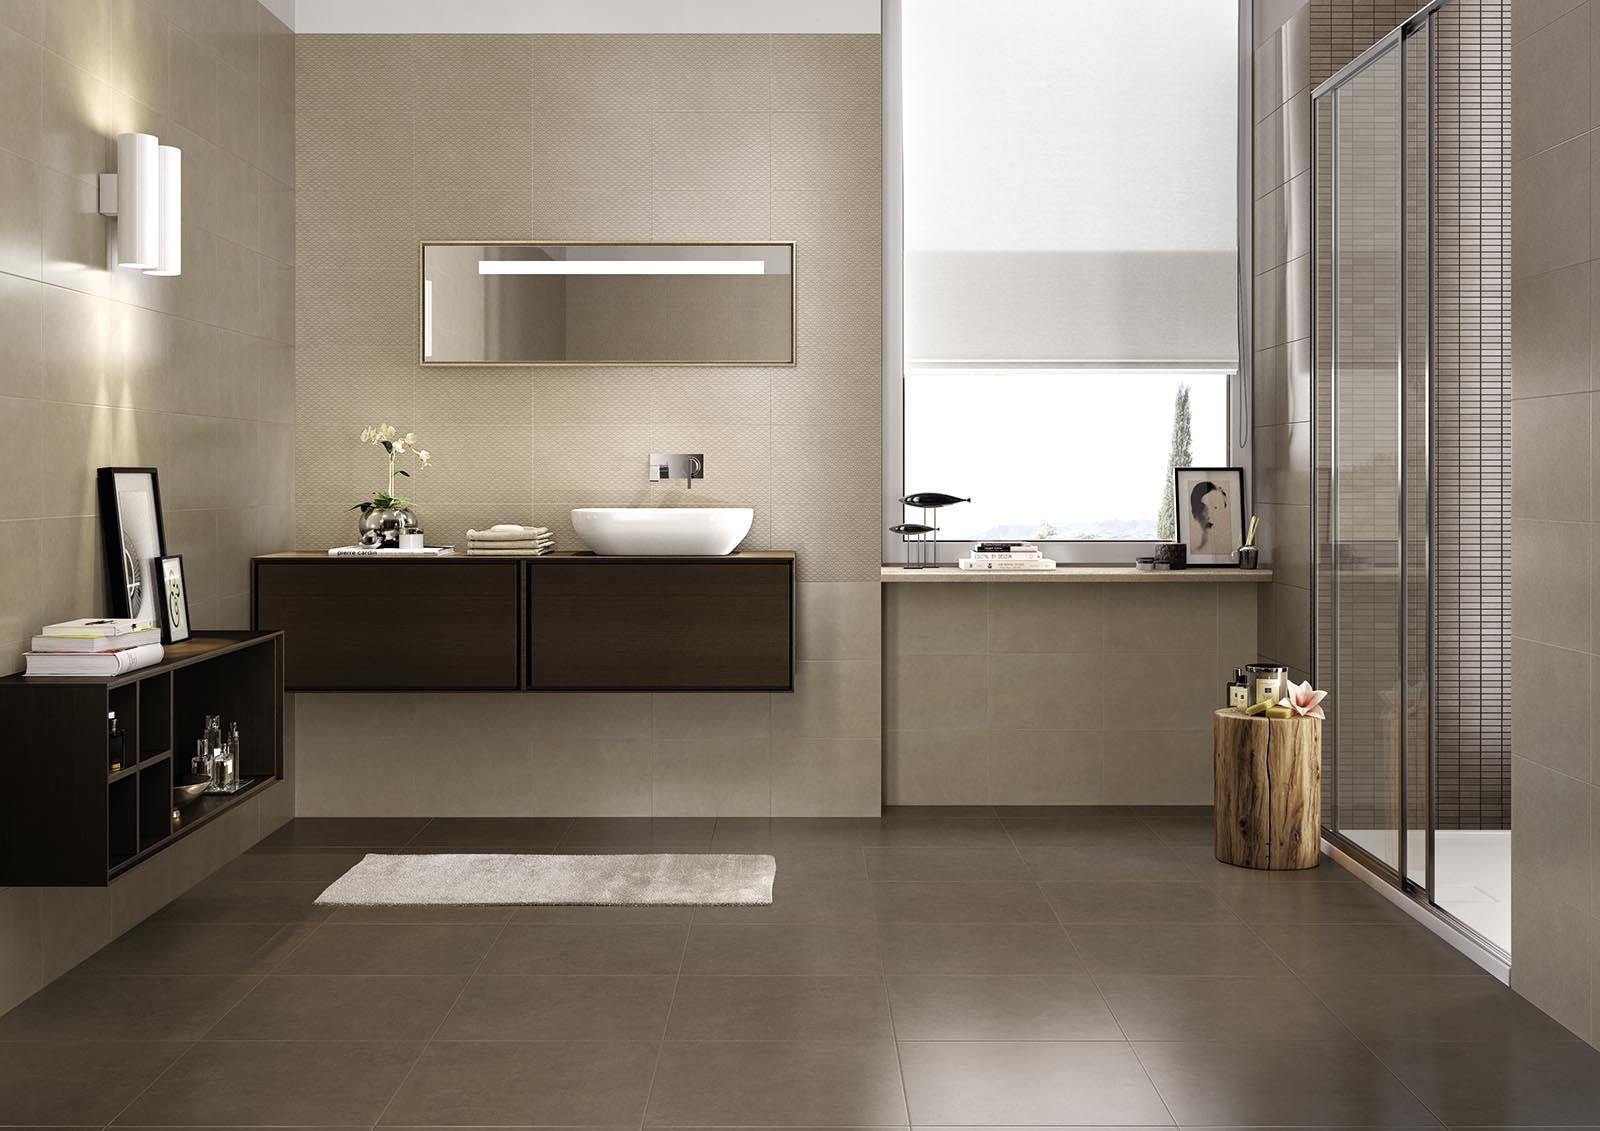 Progress gres porcellanato effetto cemento marazzi - Nice arredo bagno ...